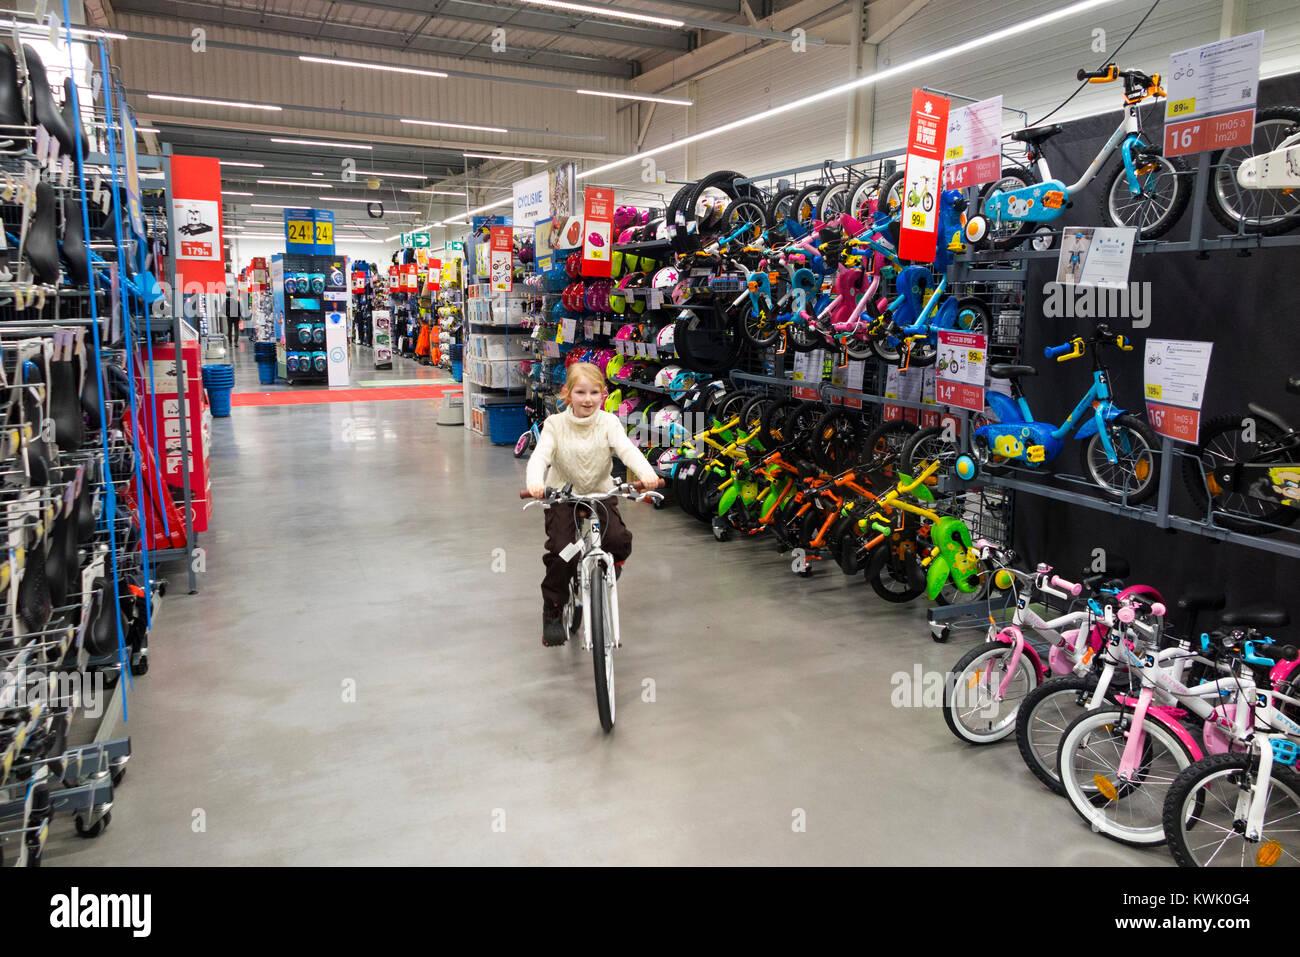 39ac88142a50f6 Kinder Fahrt neue Fahrräder auf Verkauf im Decathlon store shop Sportgeräte  Händler in Frankreich   Französische Superstore in Grésy-sur-Aix.  Frankreich.